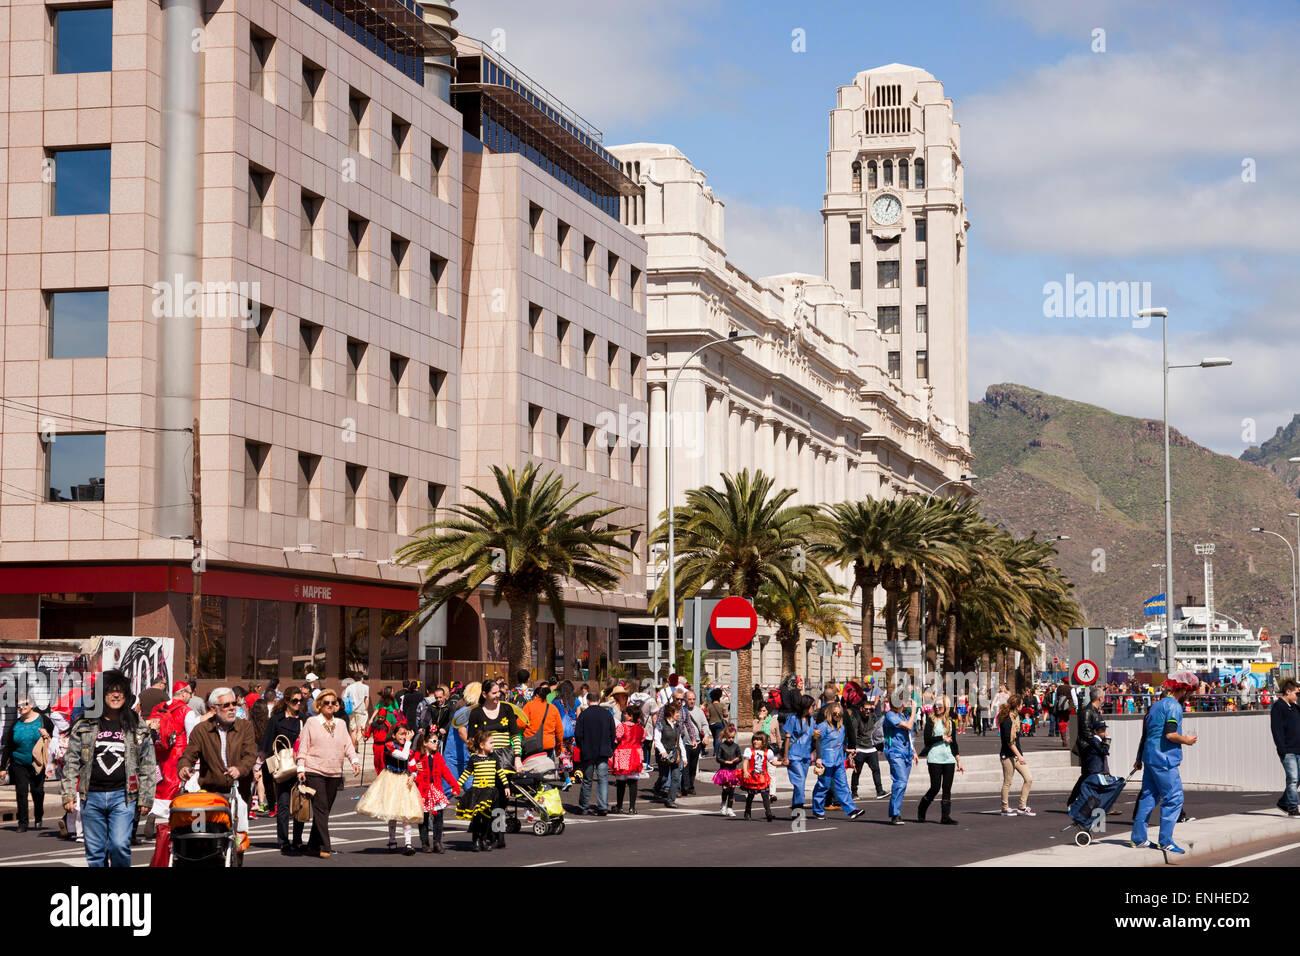 Palacio Insular de Tenerife, Santa Cruz De Tenerife, Teneriffa, Kanarische Inseln, Spanien, Europa Stockbild